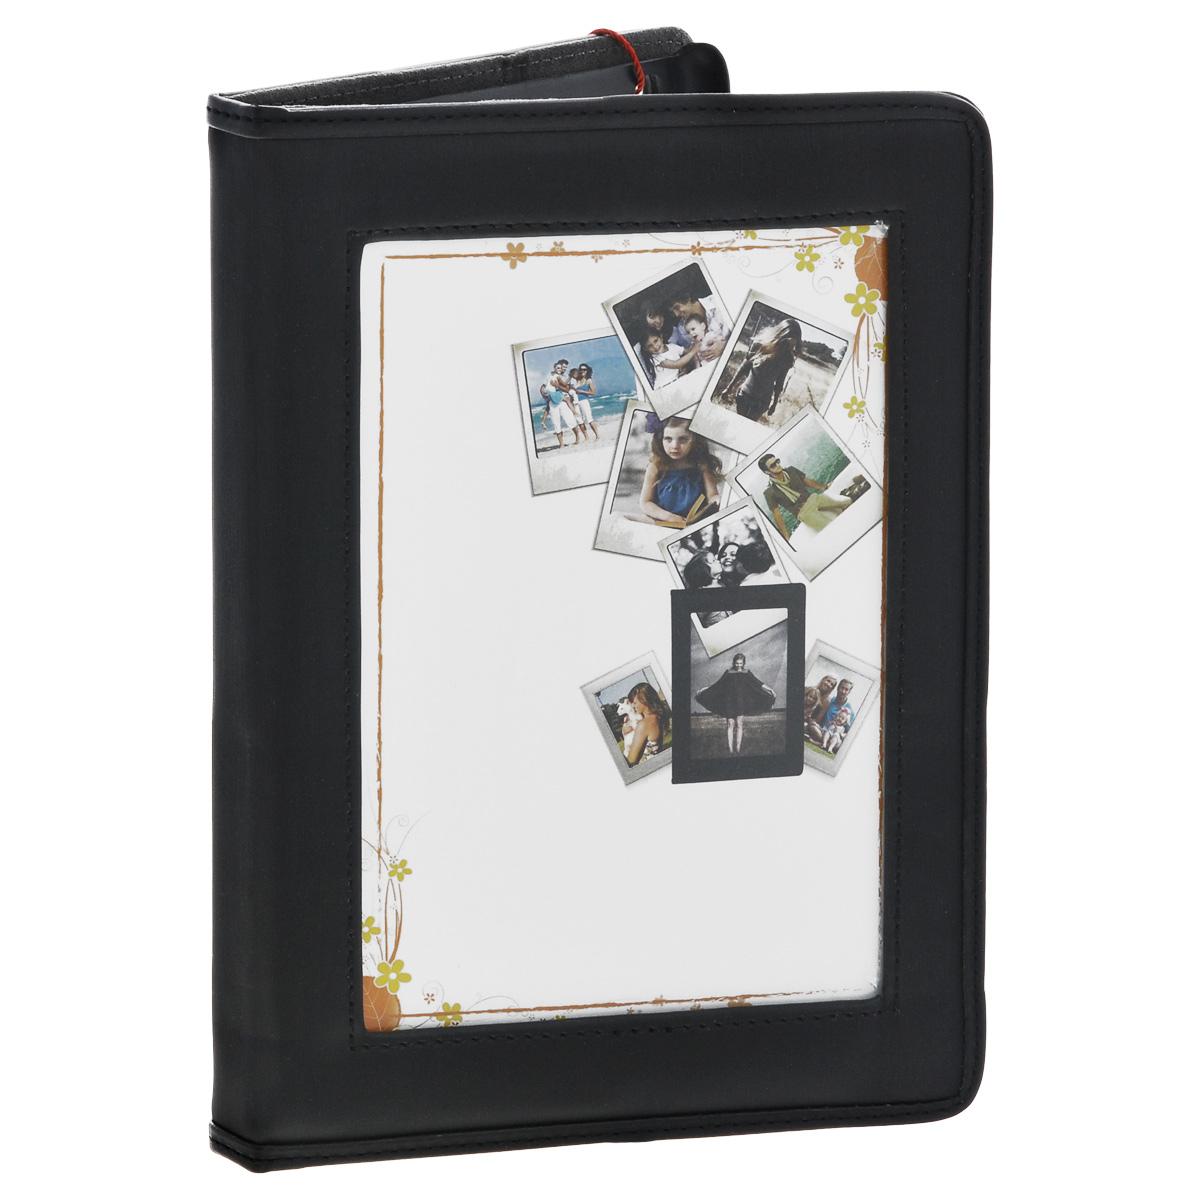 Promate Memo чехол для iPad mini, Black00007595Держите теплые воспоминания как можно ближе с помощью чехла Promate Memo для iPad mini. Любимое фото вставляется в флип-крышку чехла и постоянно радует глаз. Задняя стенка чехла может быть использована в качестве опоры, превращая его в подставку для горизонтального просмотра содержимого на экране. Шикарная кожаная отделка поверх жесткого каркаса с мягкой отделкой внутри обеспечит вашему iPad mini гарантированную защиту от повседневных рисков быть поцарапанным, разбитым и т.д. Чехол обеспечивает полный и комфортный доступ ко всем портам и кнопкам управления. Promate Memo - эмоции, которые всегда рядом!